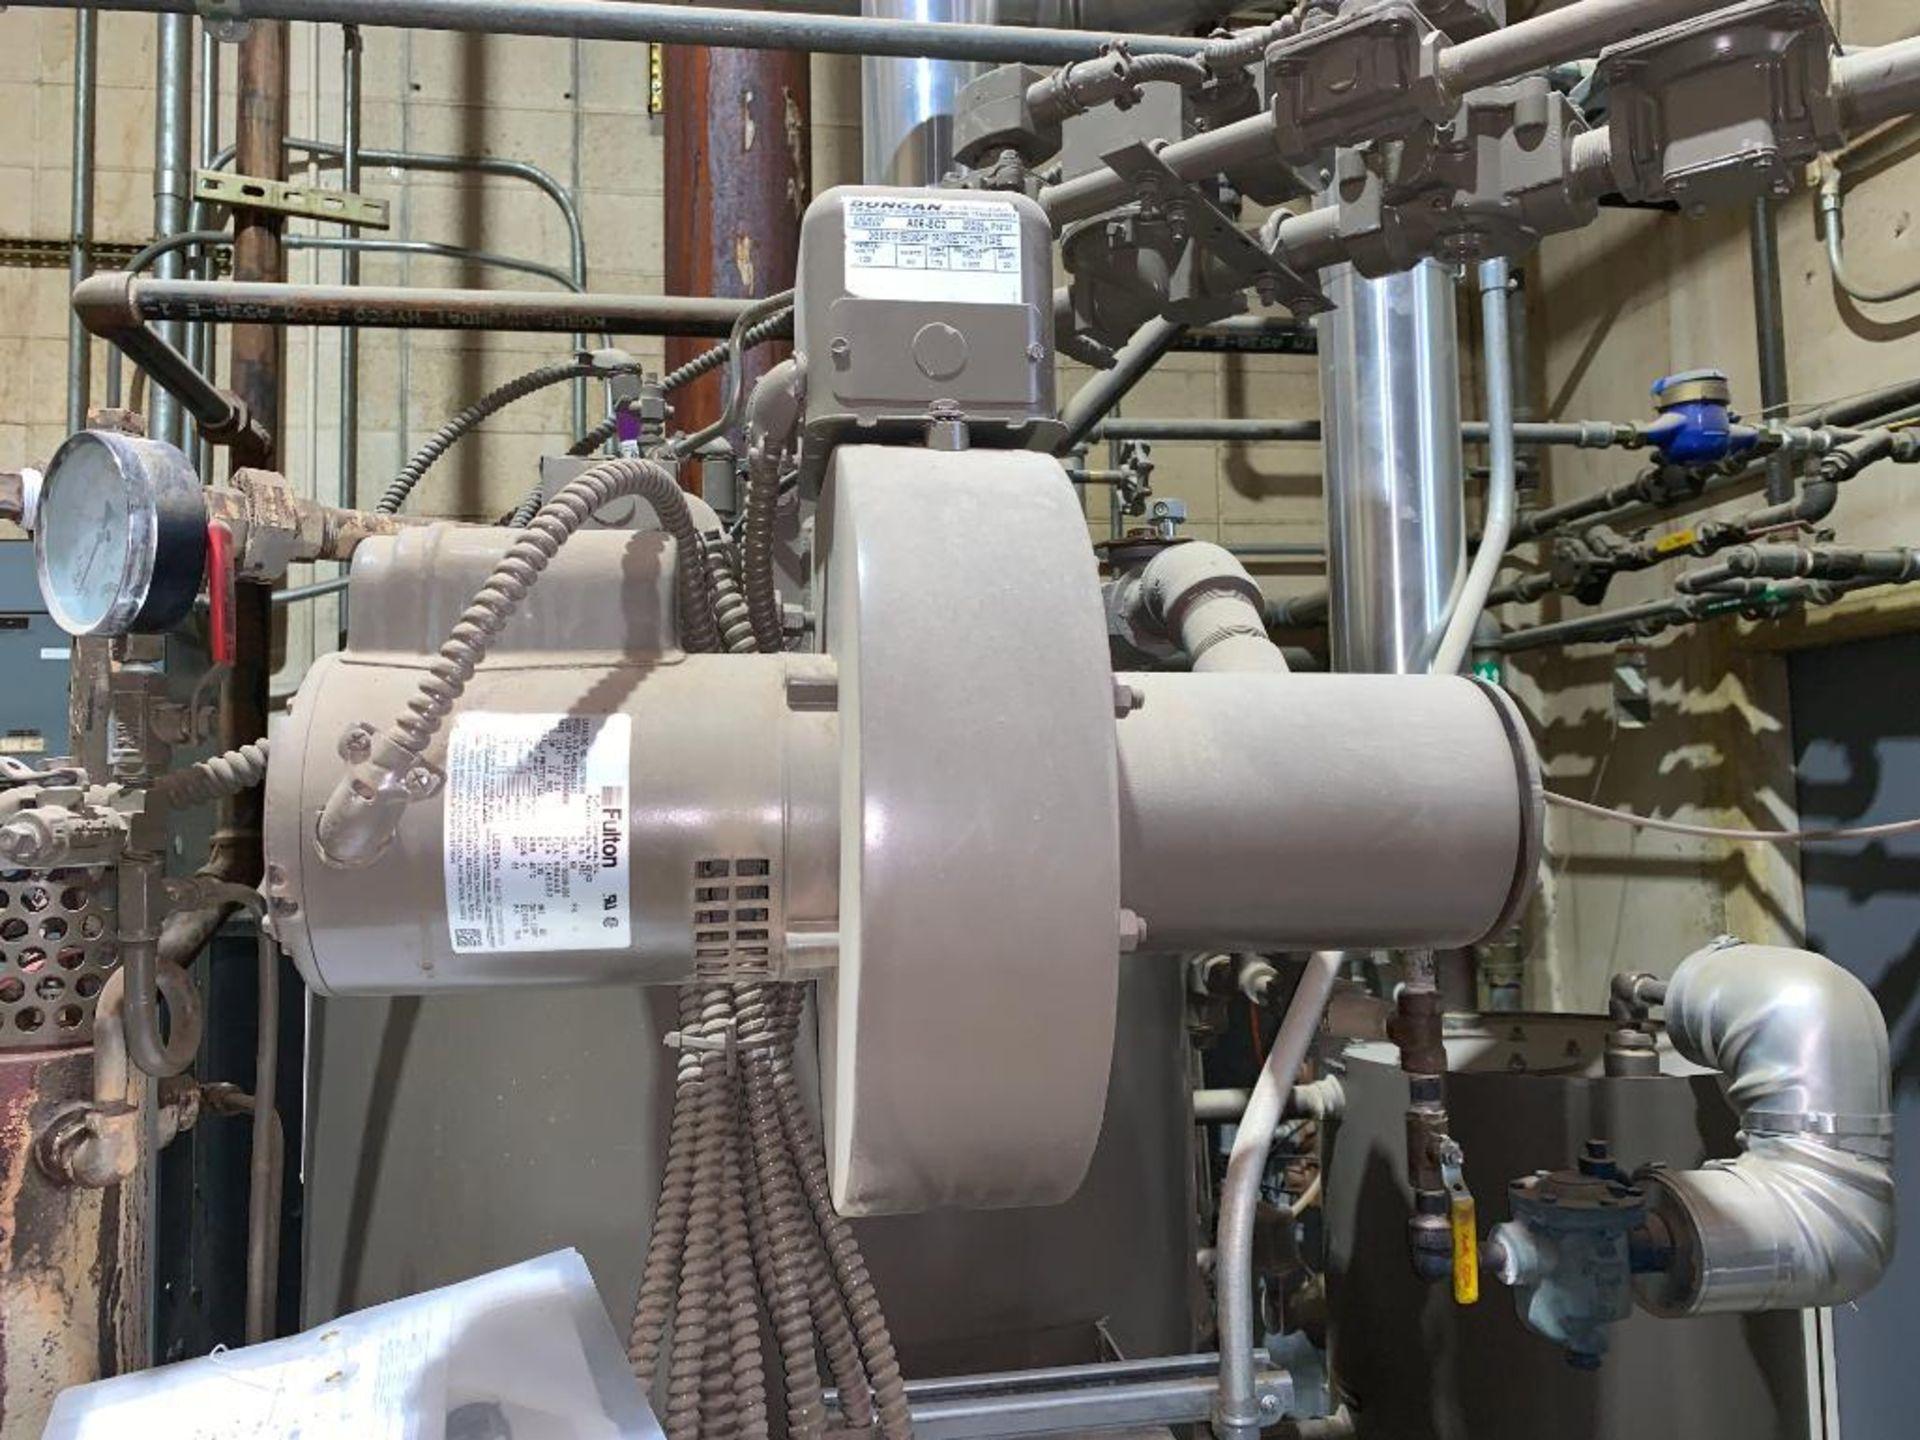 2014 Fulton steam boiler - Image 20 of 23